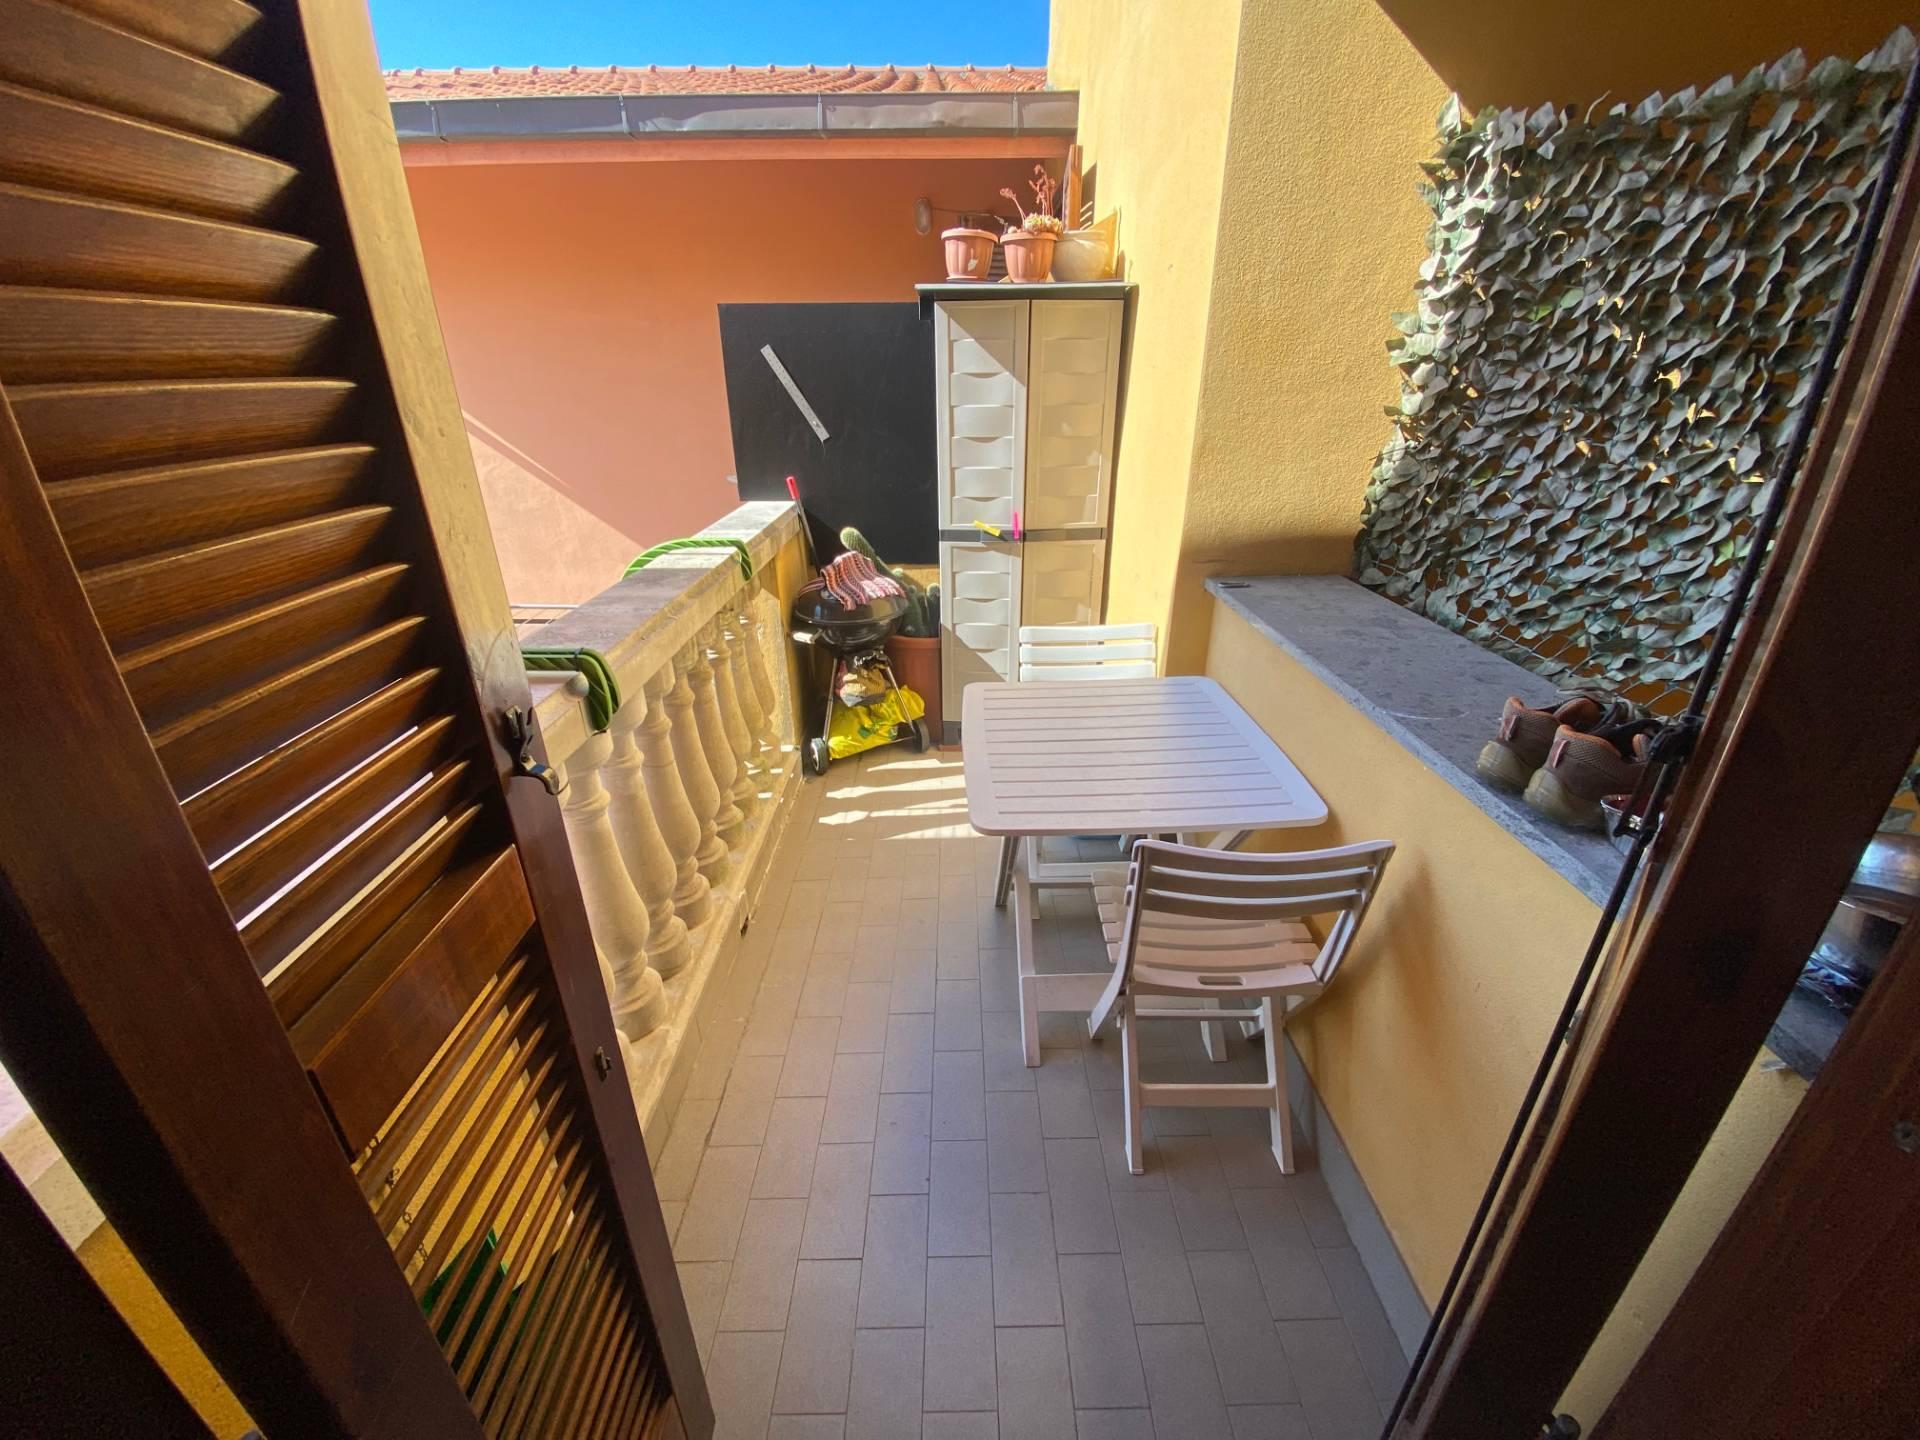 Appartamento in vendita a Ponsacco, 2 locali, zona Località: LeMelorie, prezzo € 69.000 | PortaleAgenzieImmobiliari.it